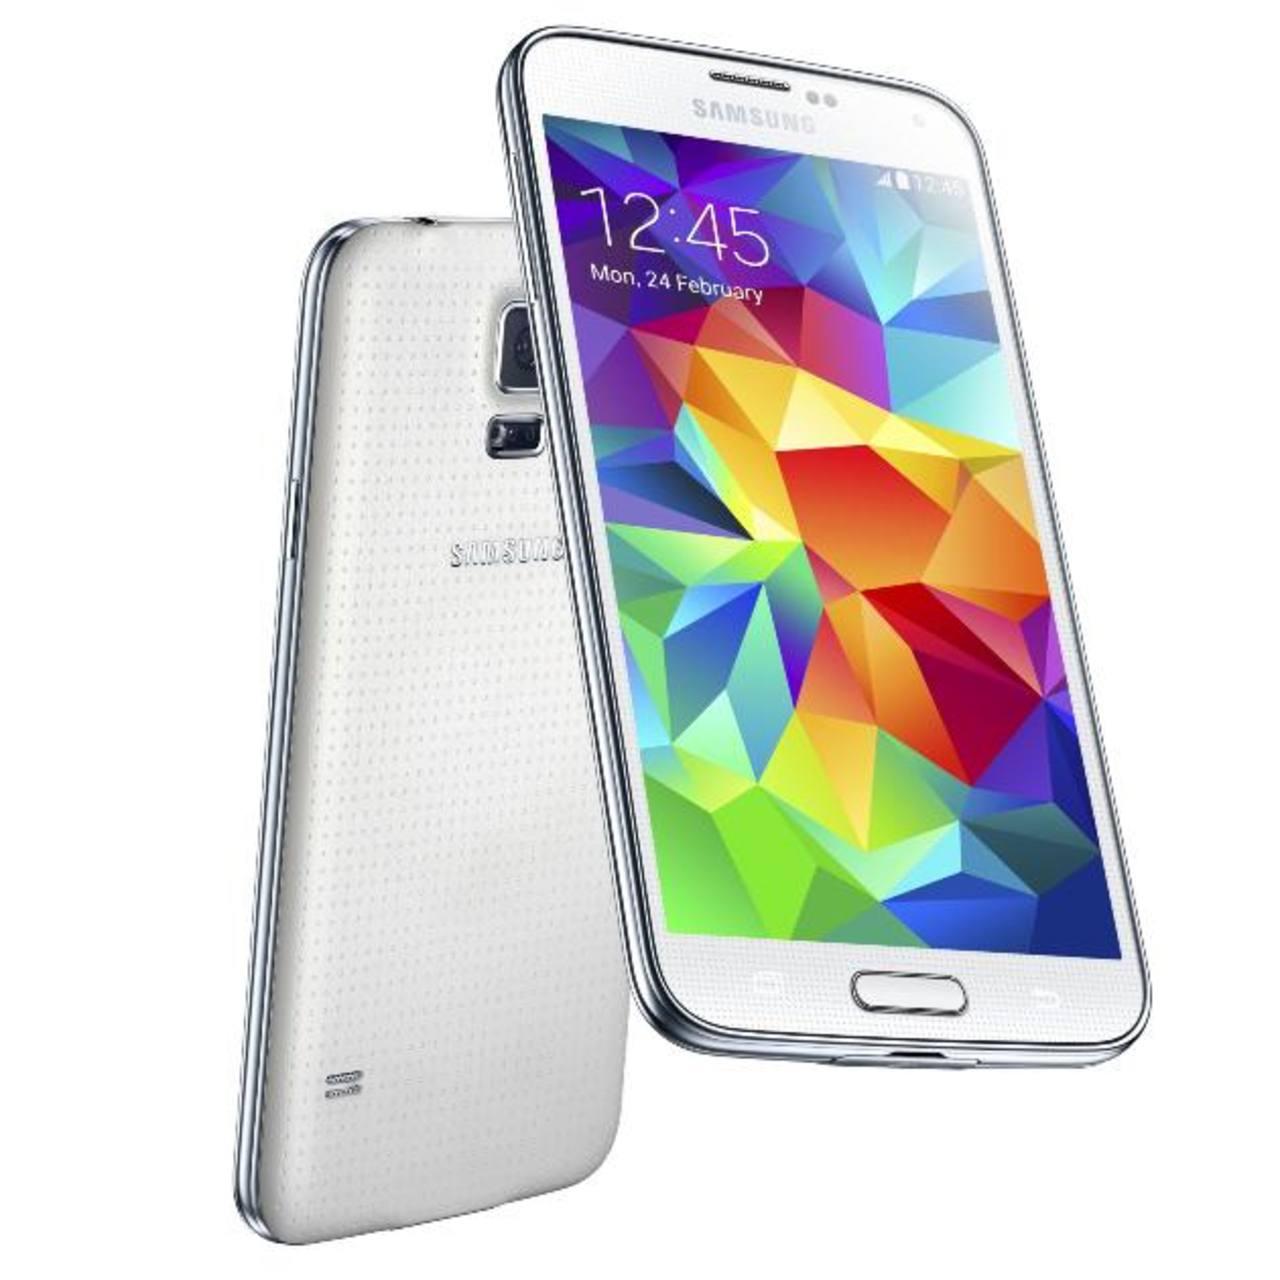 Samsung tiene disponible smartphones de última generación. Foto EDH /cortesía